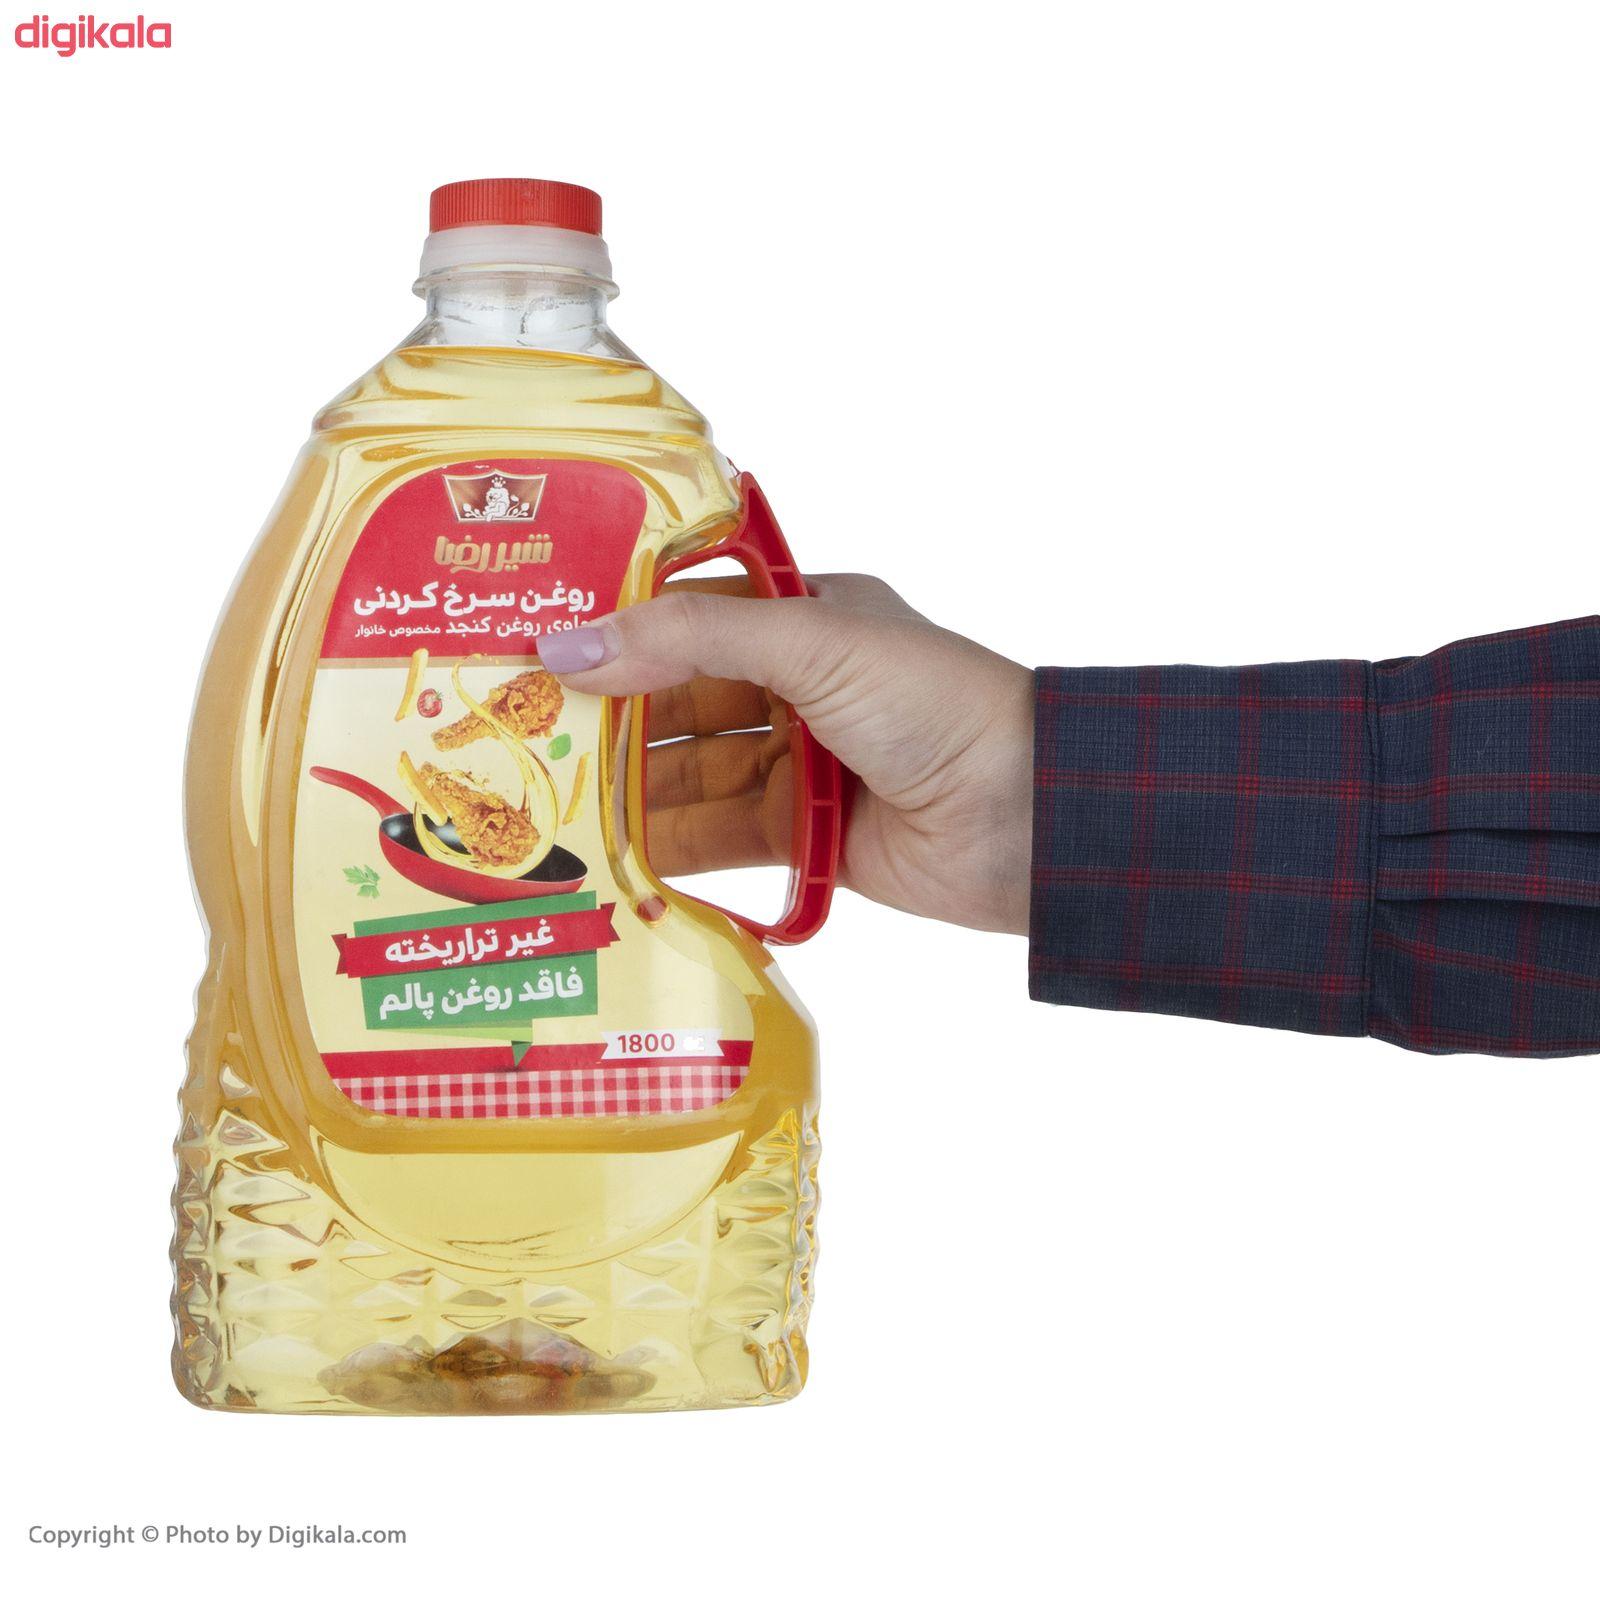 روغن سرخ کردنی شیررضا - 1.8لیتر main 1 3